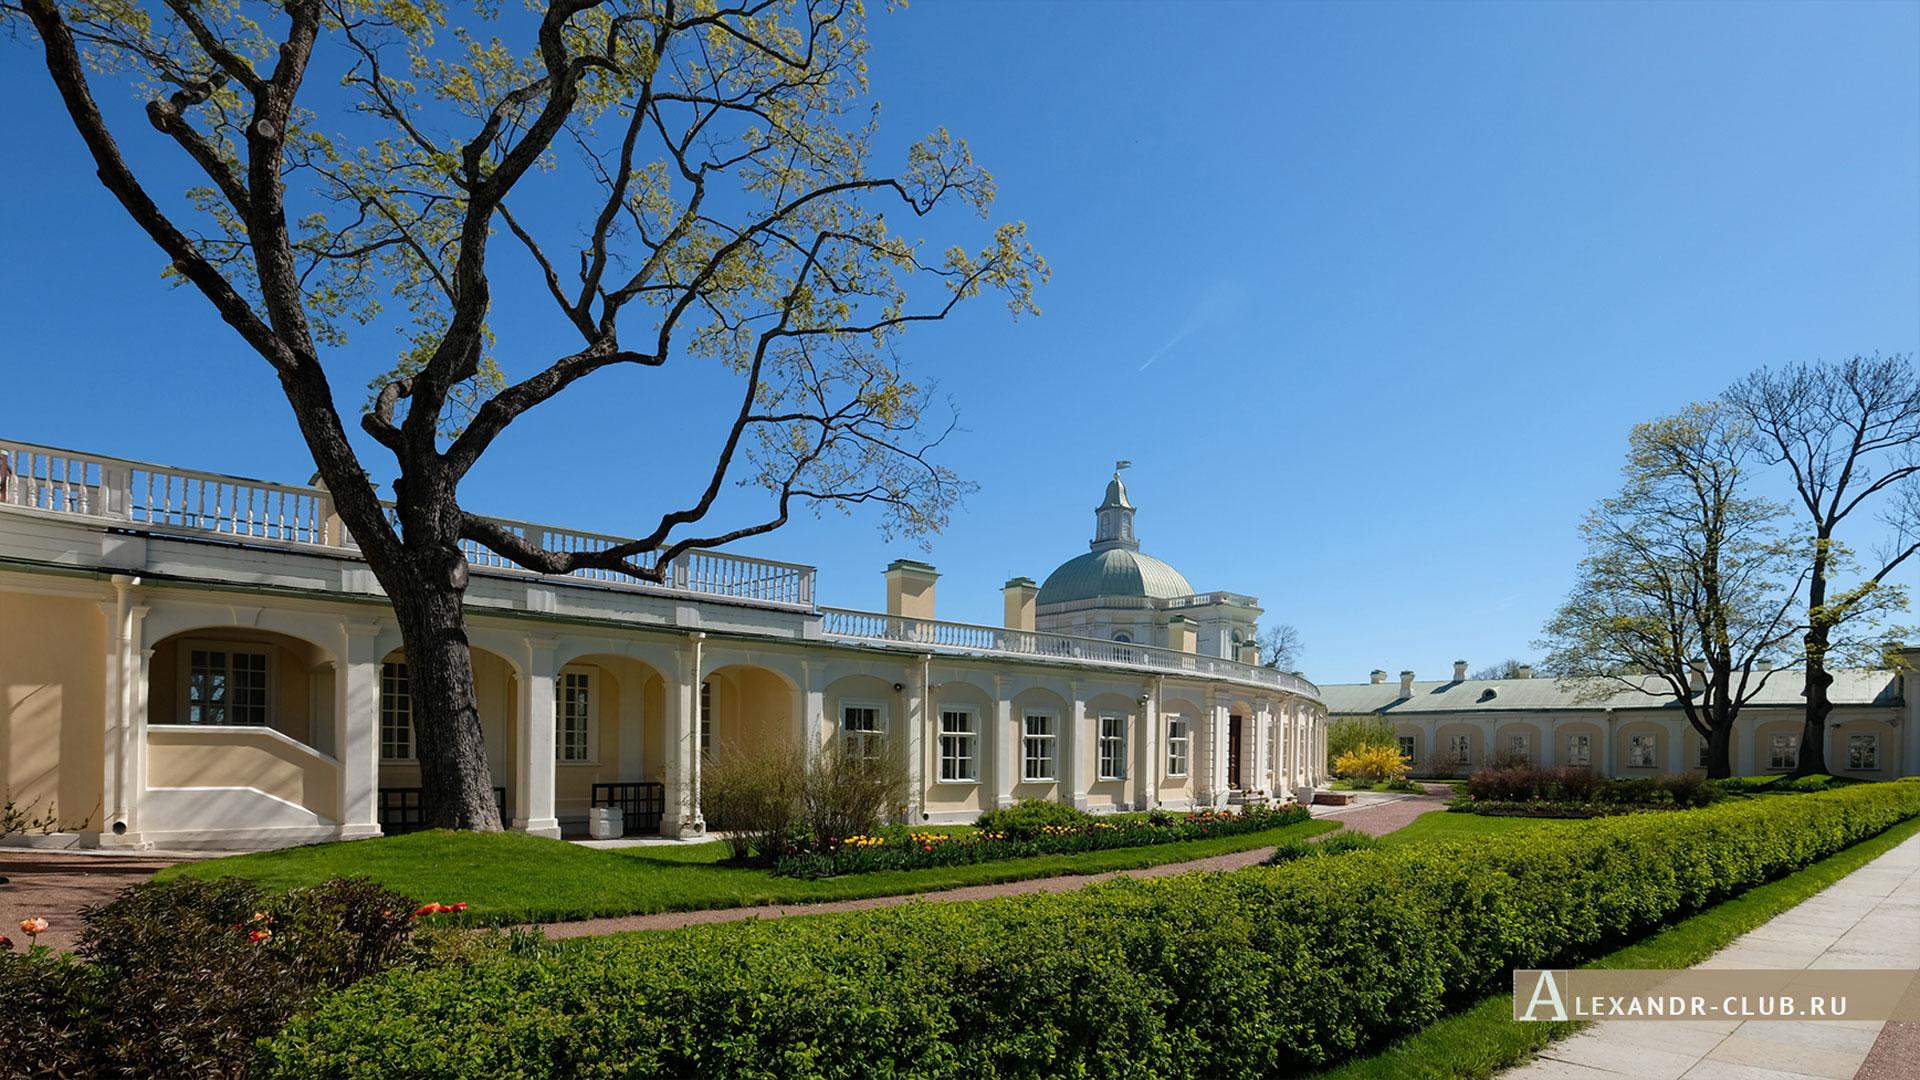 Ораниенбаум, весна, Большой Меншиковский дворец и Японский павильон